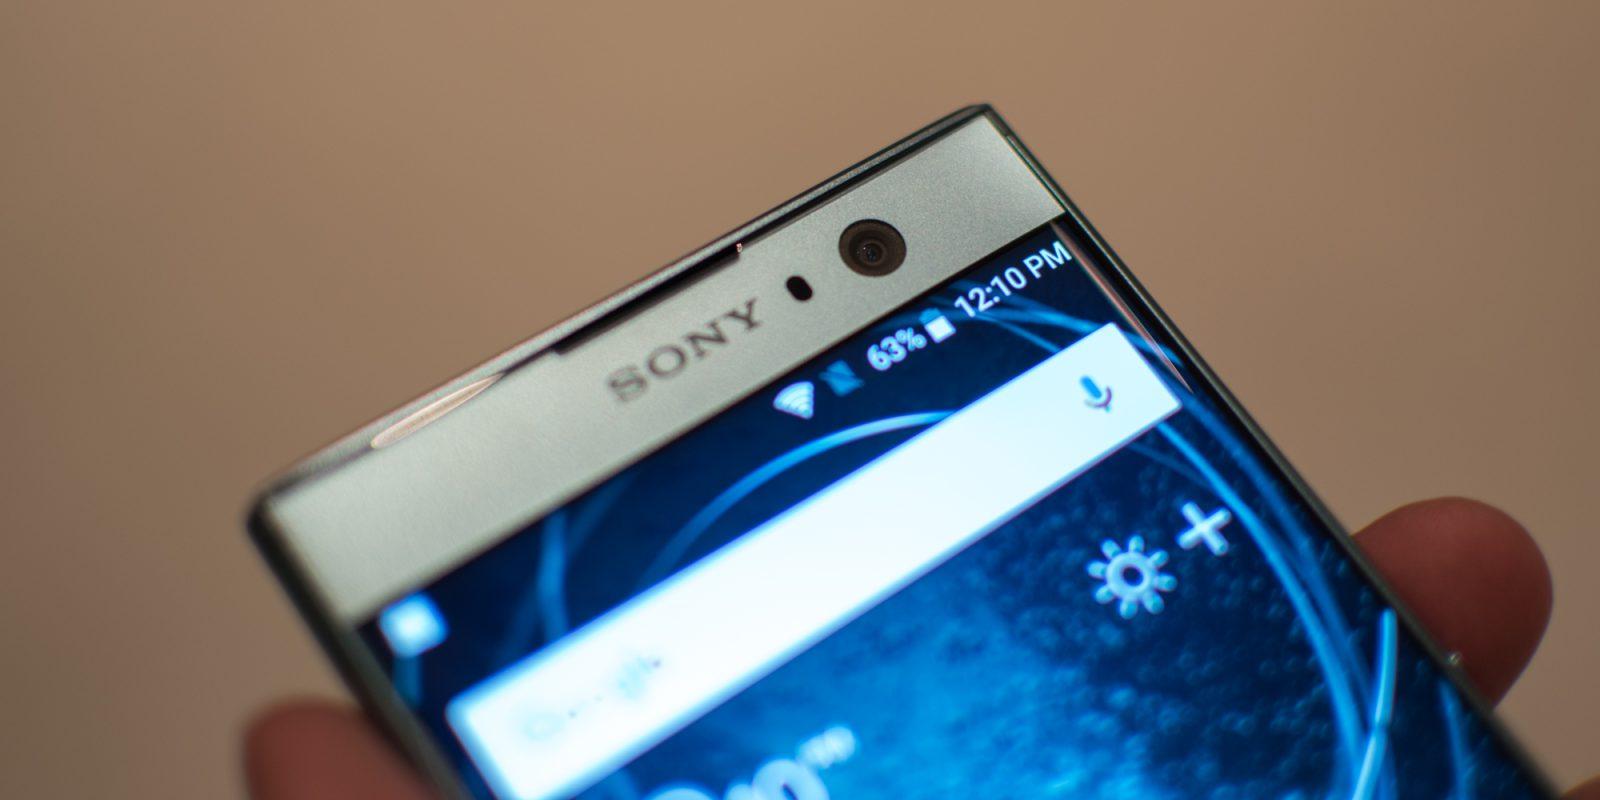 Al geruime tijd maakt Sony fors verlies op hun mobiele tak en deze afdeling is inmiddels ook flink geslonken om het rendabeler te maken. Afgelopen periode heeft Sony hier nog geen vruchten van weten te plukken en blijft deze divisie van Sony nog steeds verliesgevend. Toch heeft Sony aangegeven dat ze nog niet willen stoppen met de Xperia smartphones en dat er zelfs weer wat meer toekomst in zit dan aanvankelijk werd gedacht.